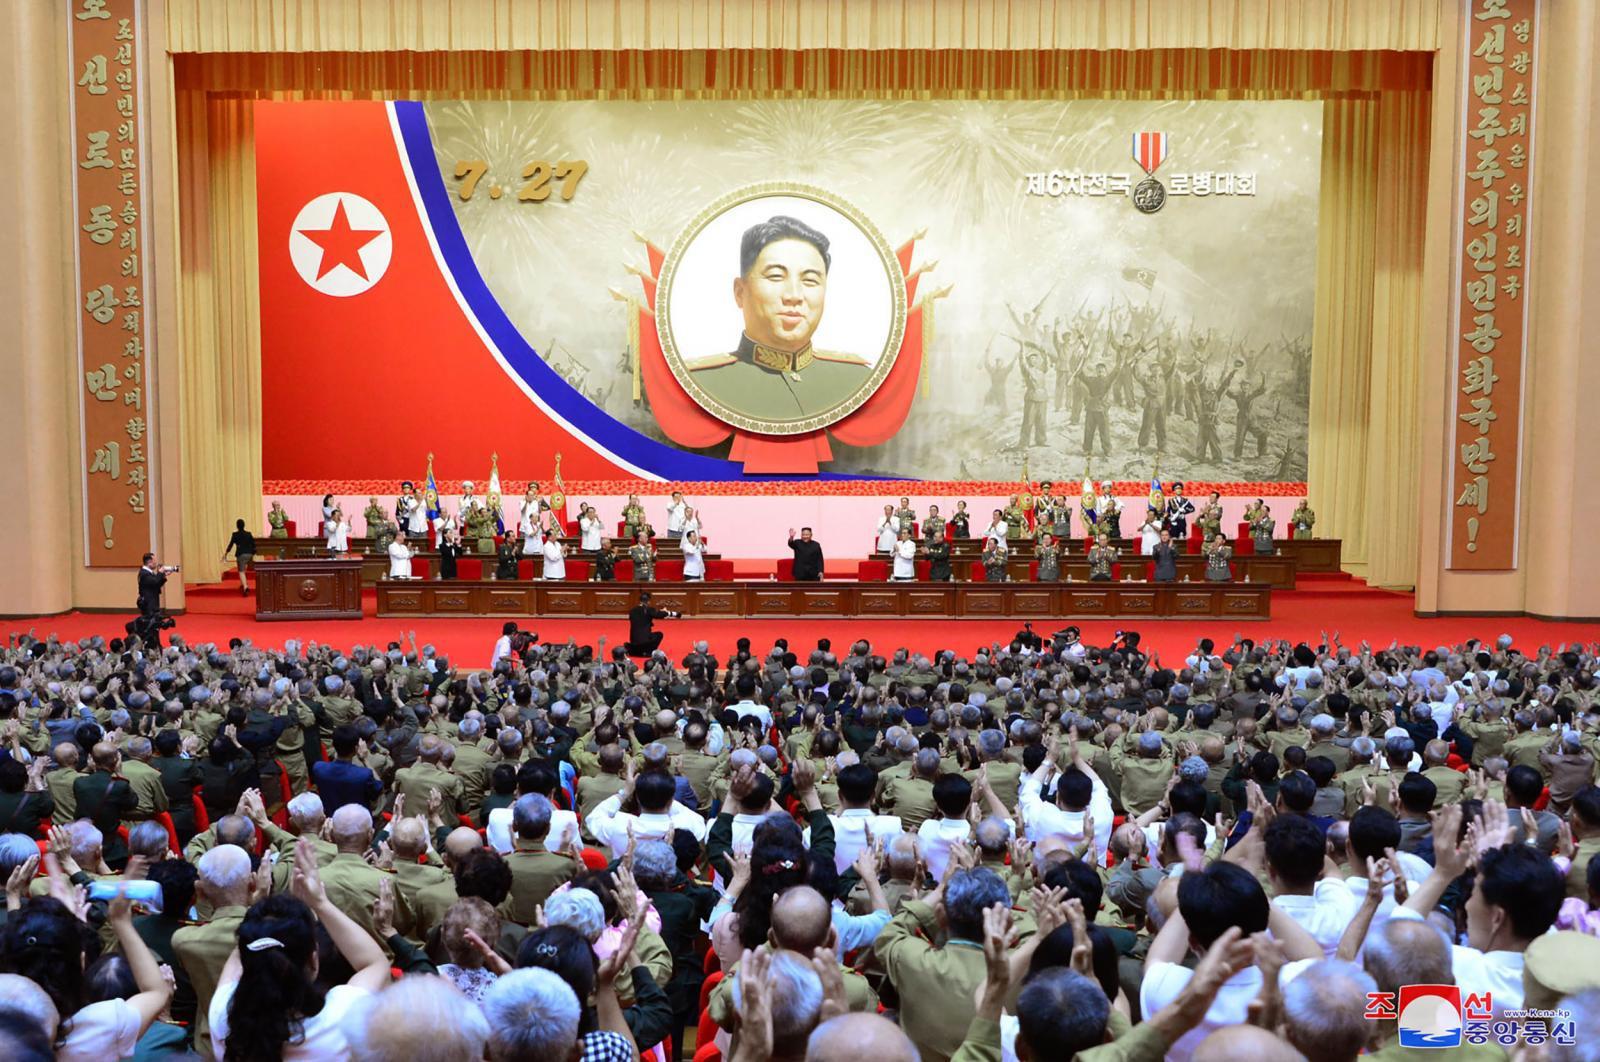 """คิม จองอึน เผย """"เกาหลีเหนือจะไม่มีสงครามอีก"""" เพราะมีอาวุธนิวเคลียร์"""